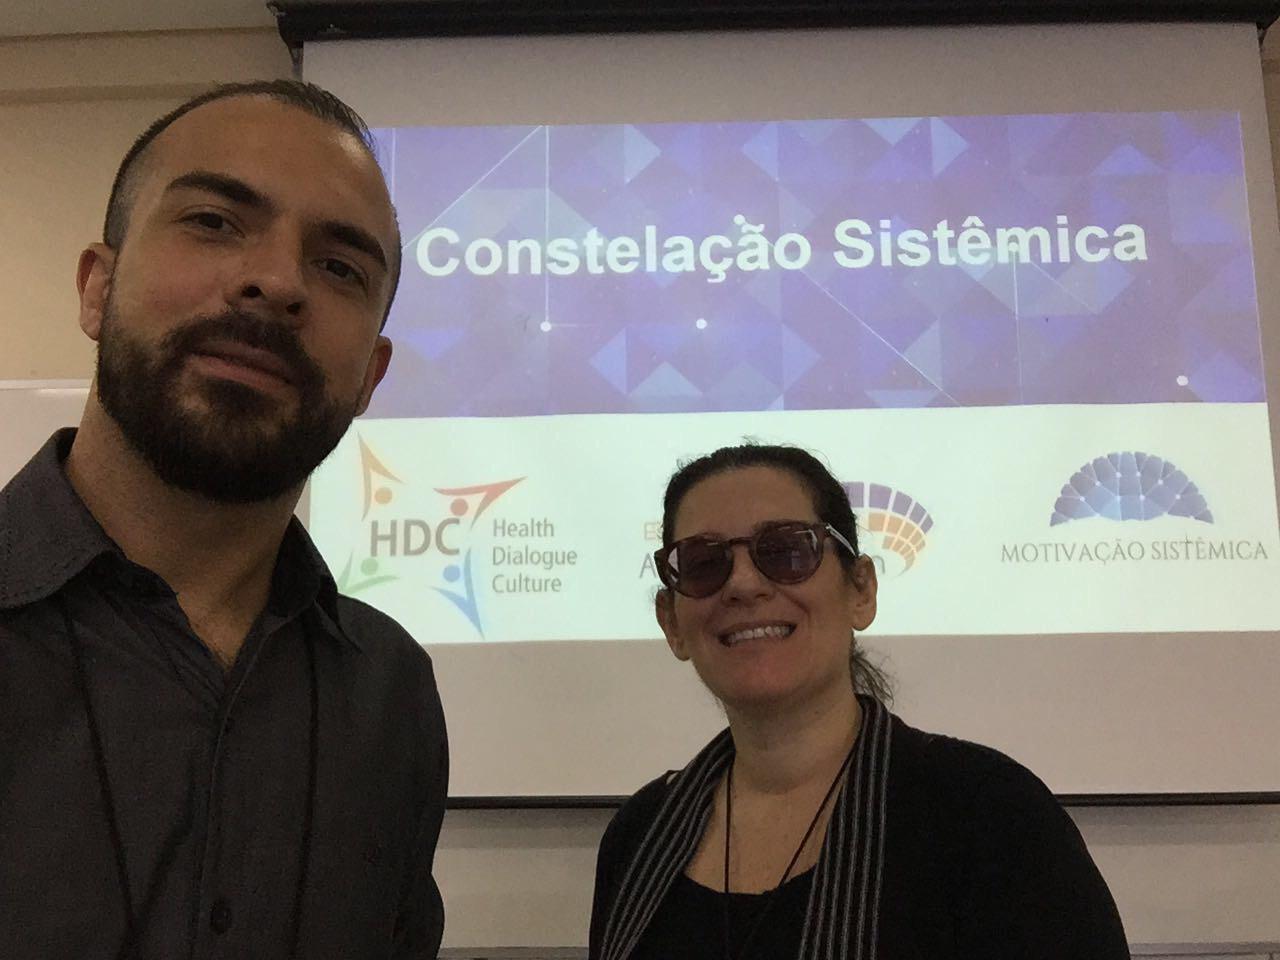 IV Congresso Internacional Health Dialogue Culture